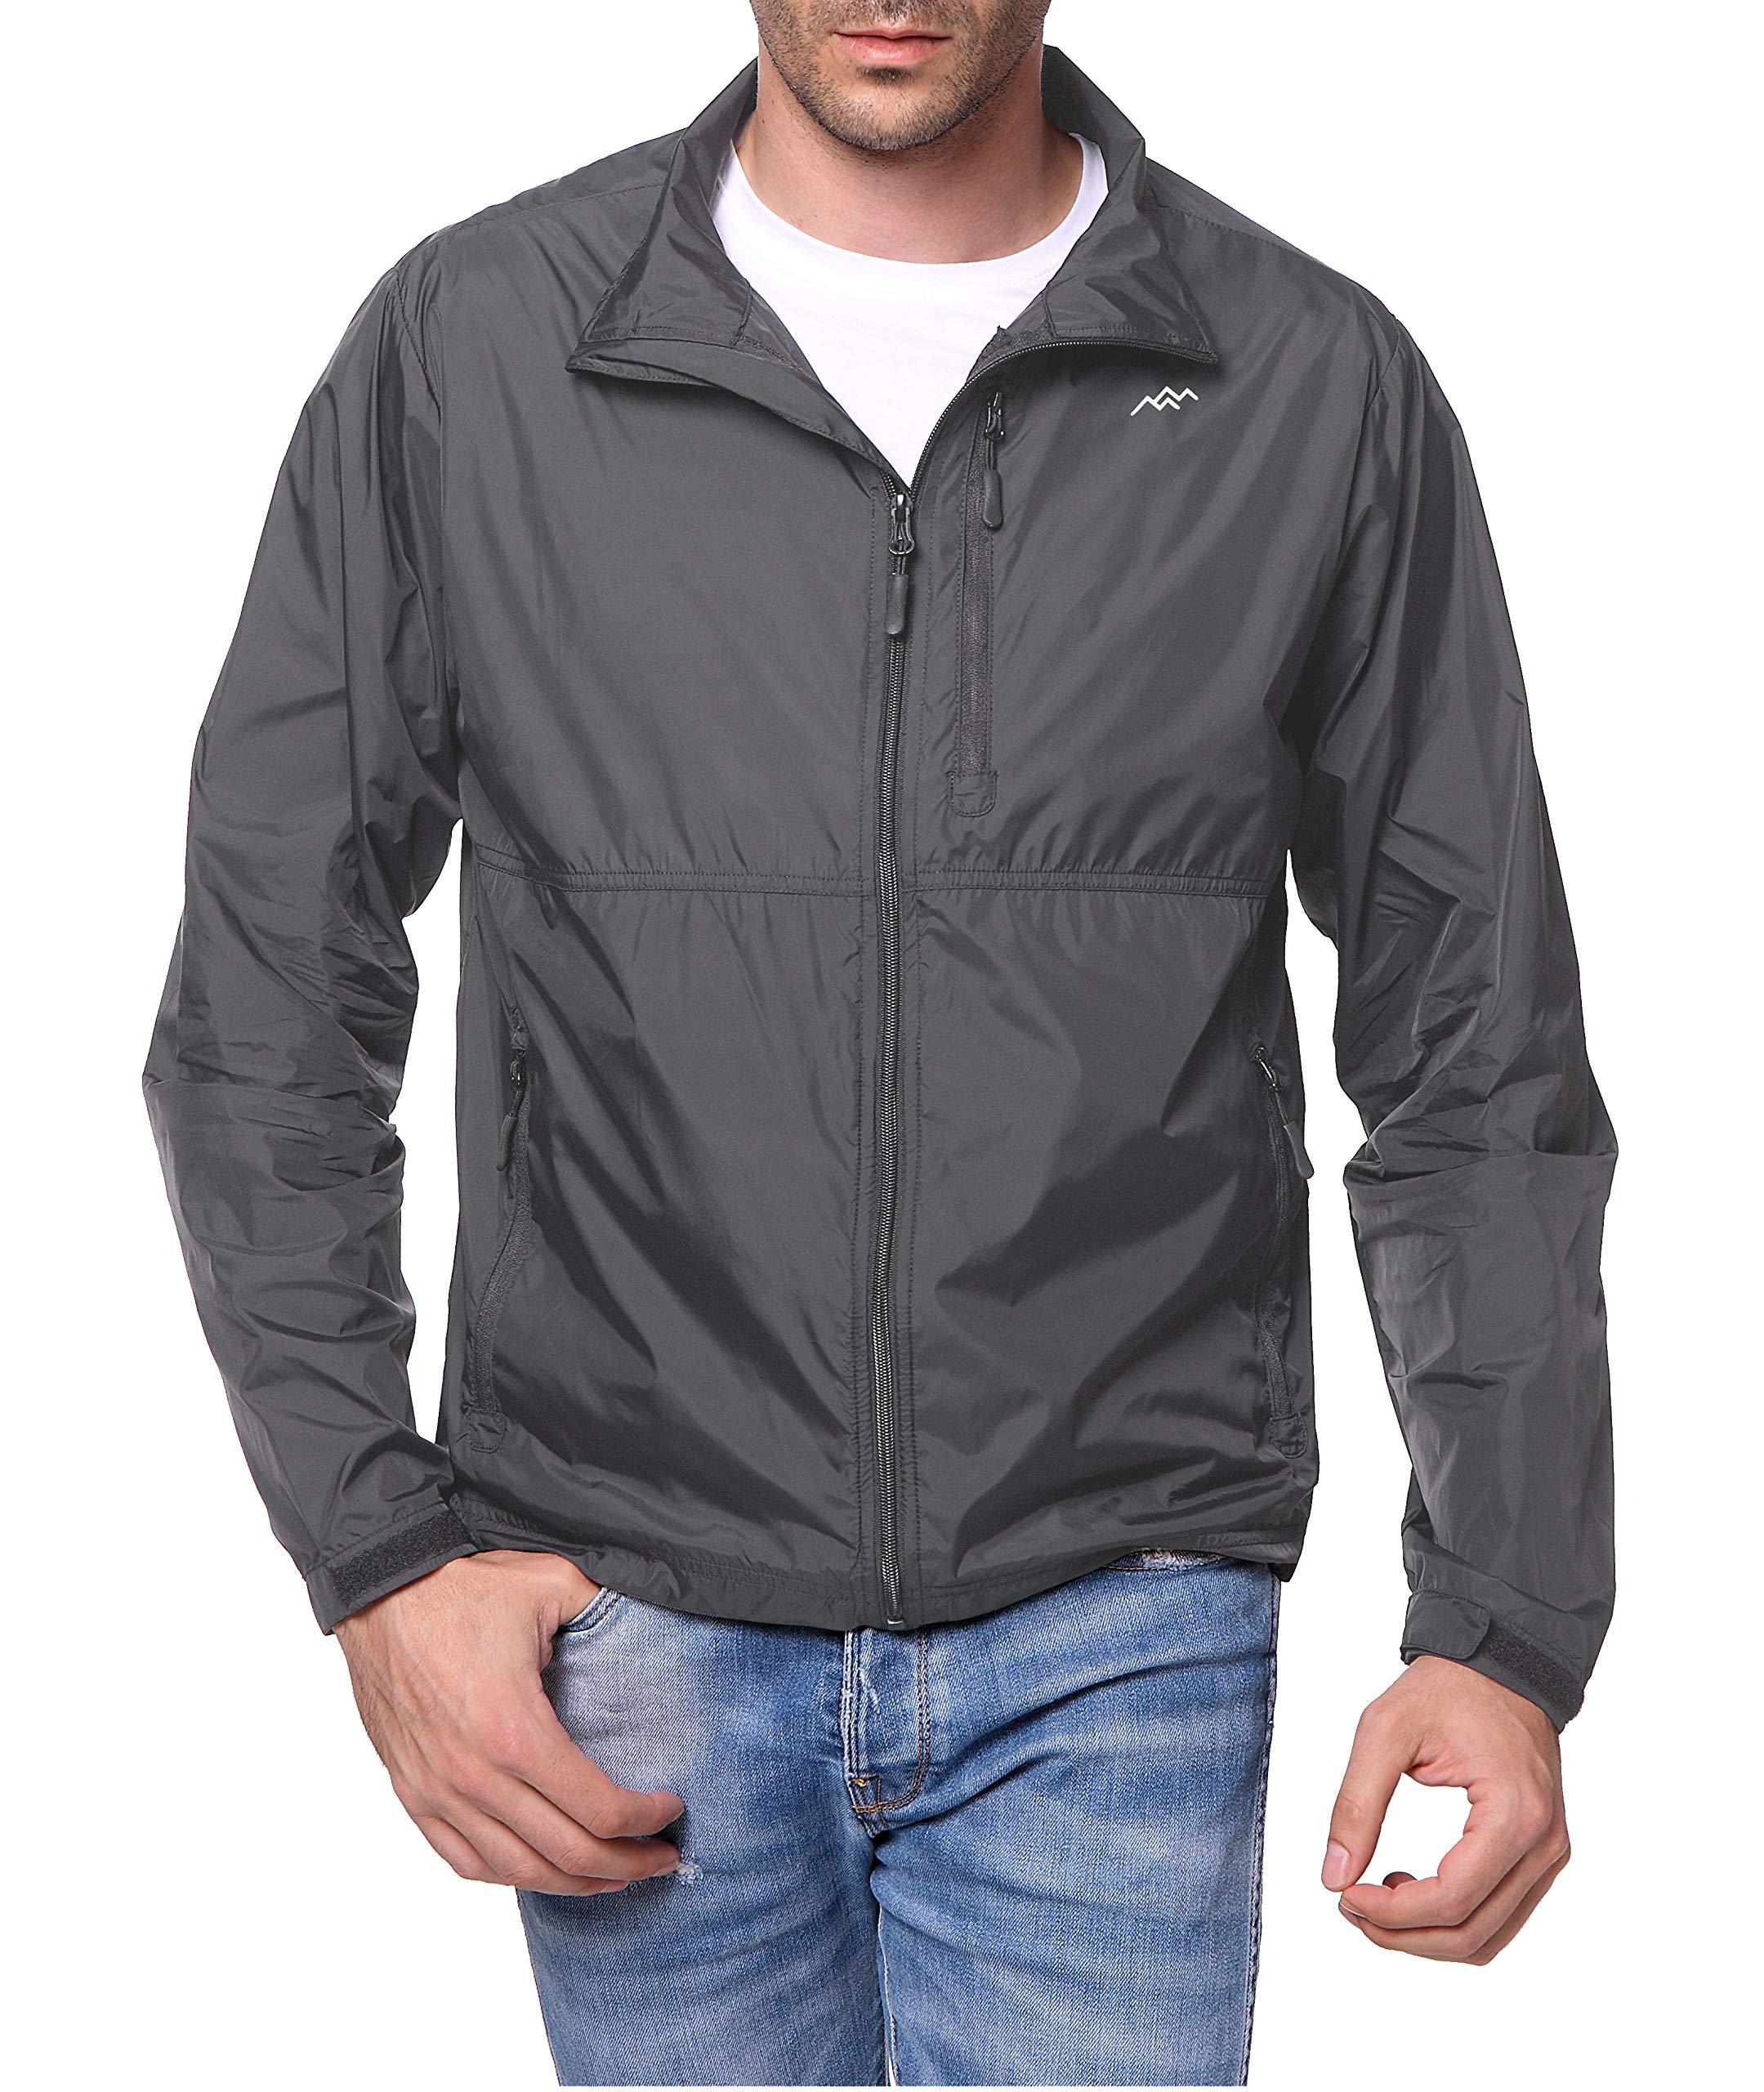 Trailside Supply Co. Men's Standard Water-Resistant Nylon Windbreaker Front-Zip up Jacket,Dark Grey,XL by Trailside Supply Co.